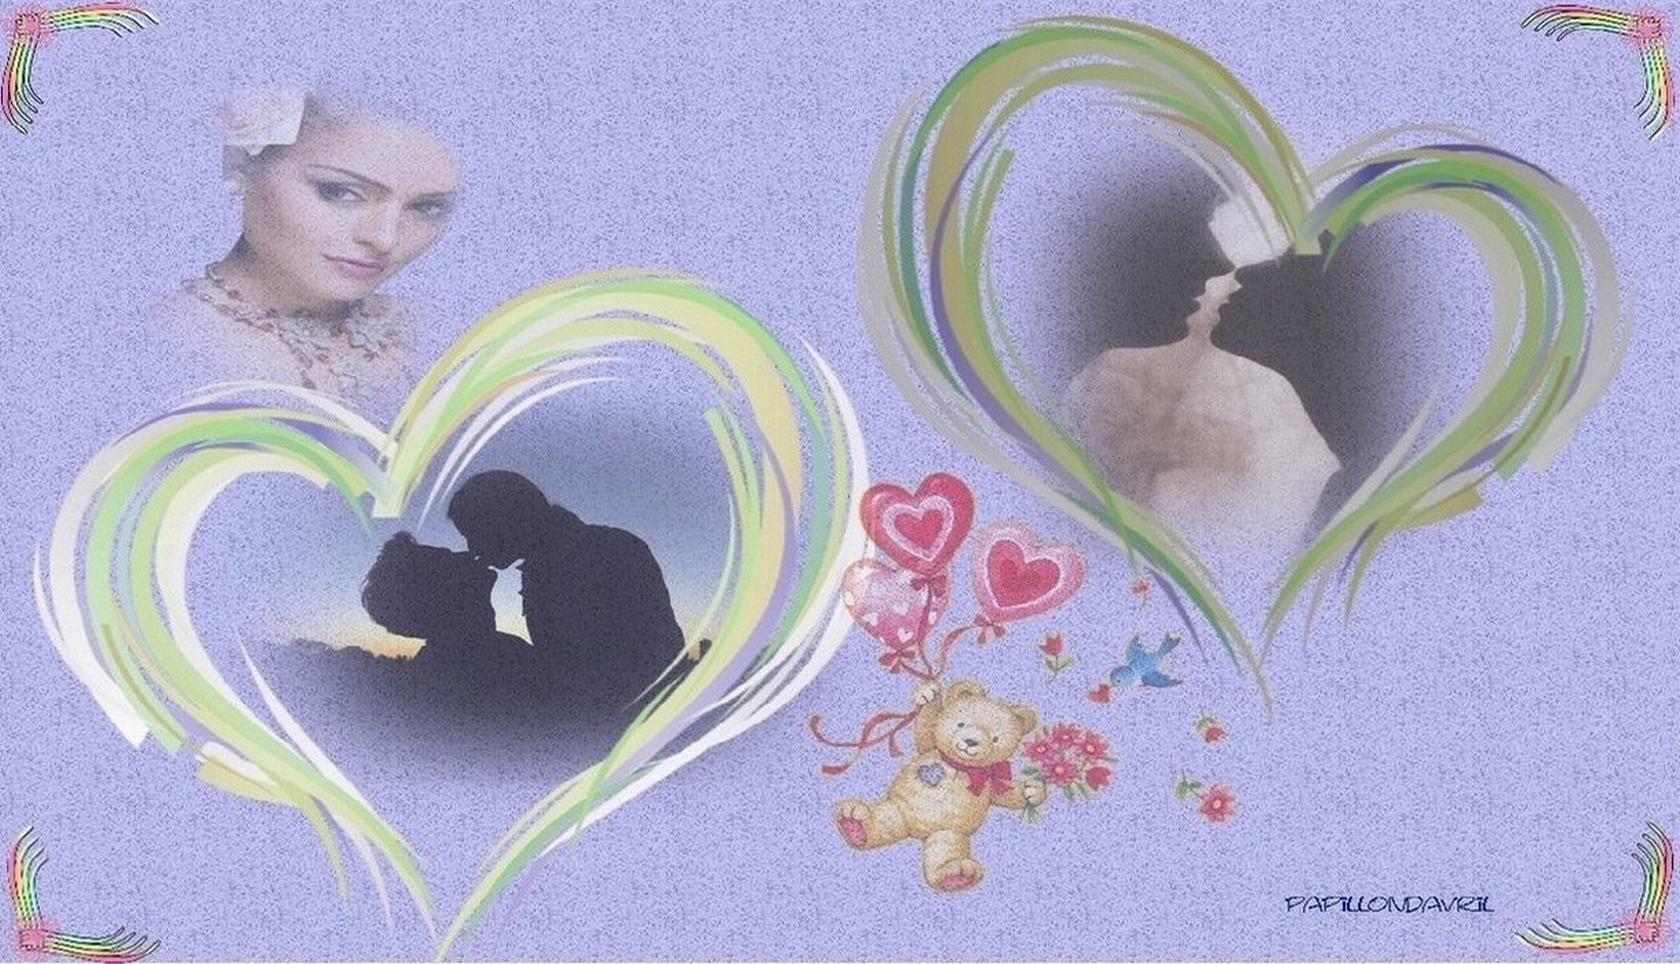 http://moniquebeauchamp.org/img4/coralyne_1-1680-964.jpg